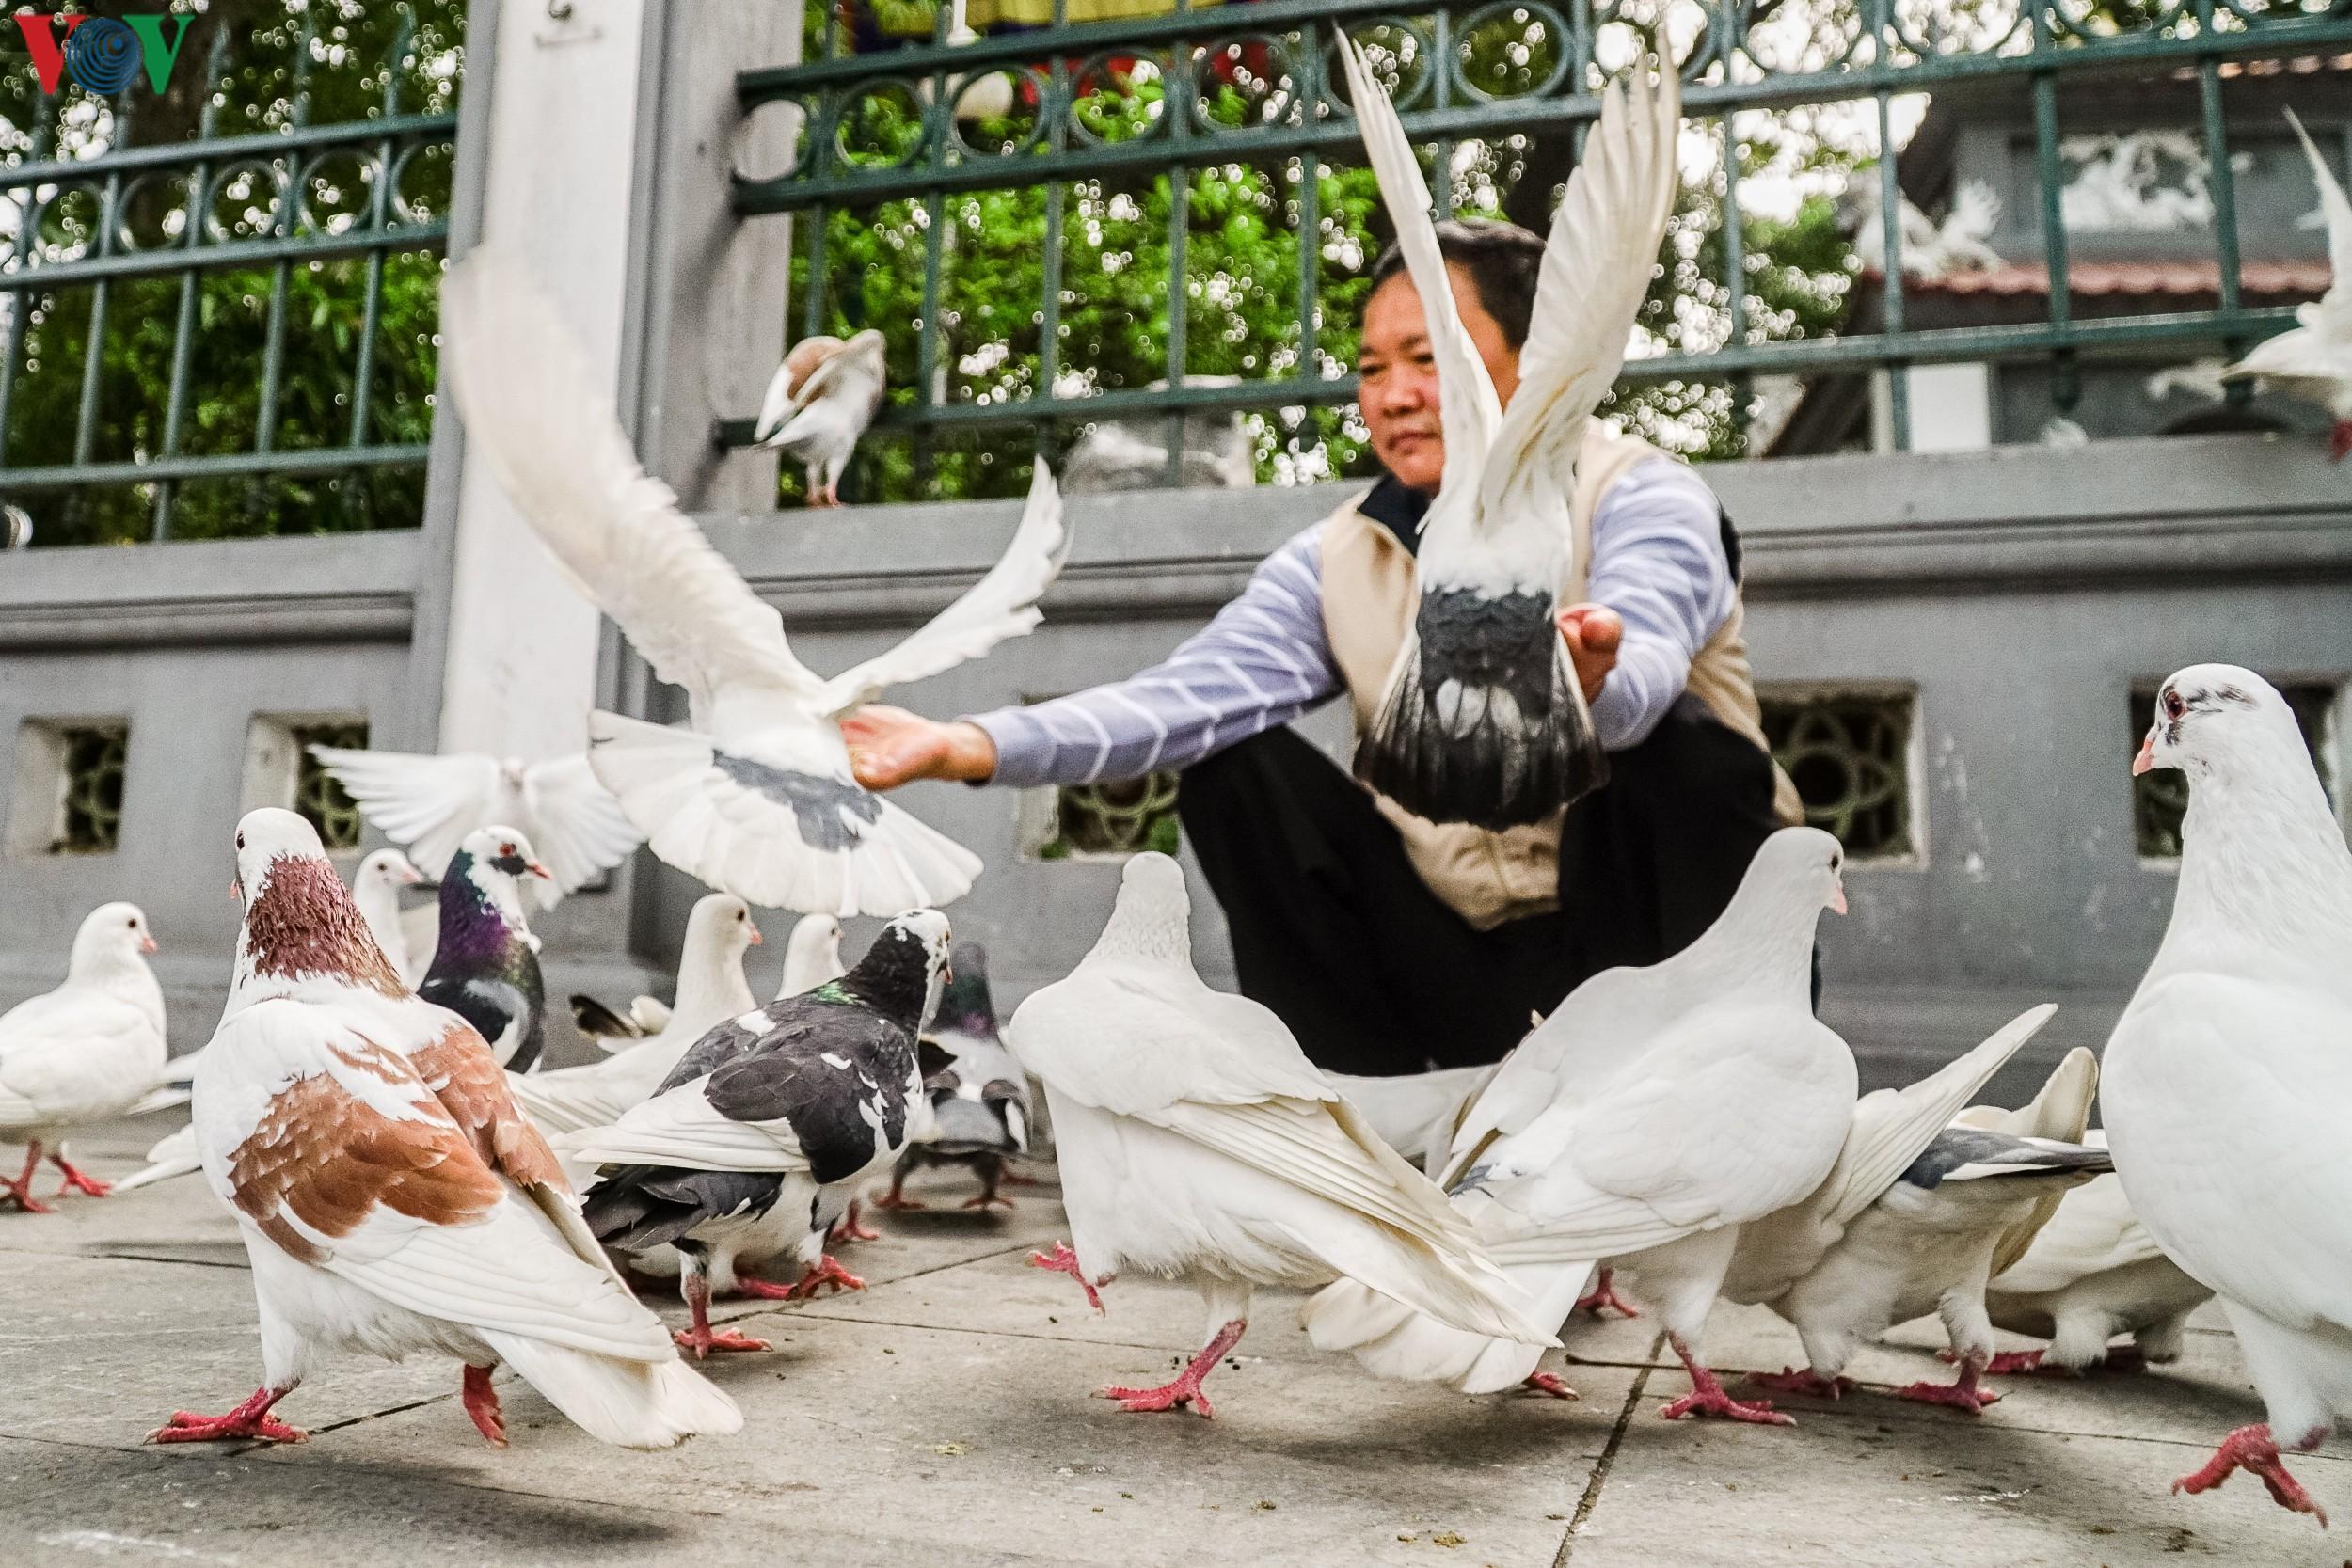 Ngắm đàn chim bồ câu bên hồ Hoàn Kiếm Ảnh 7